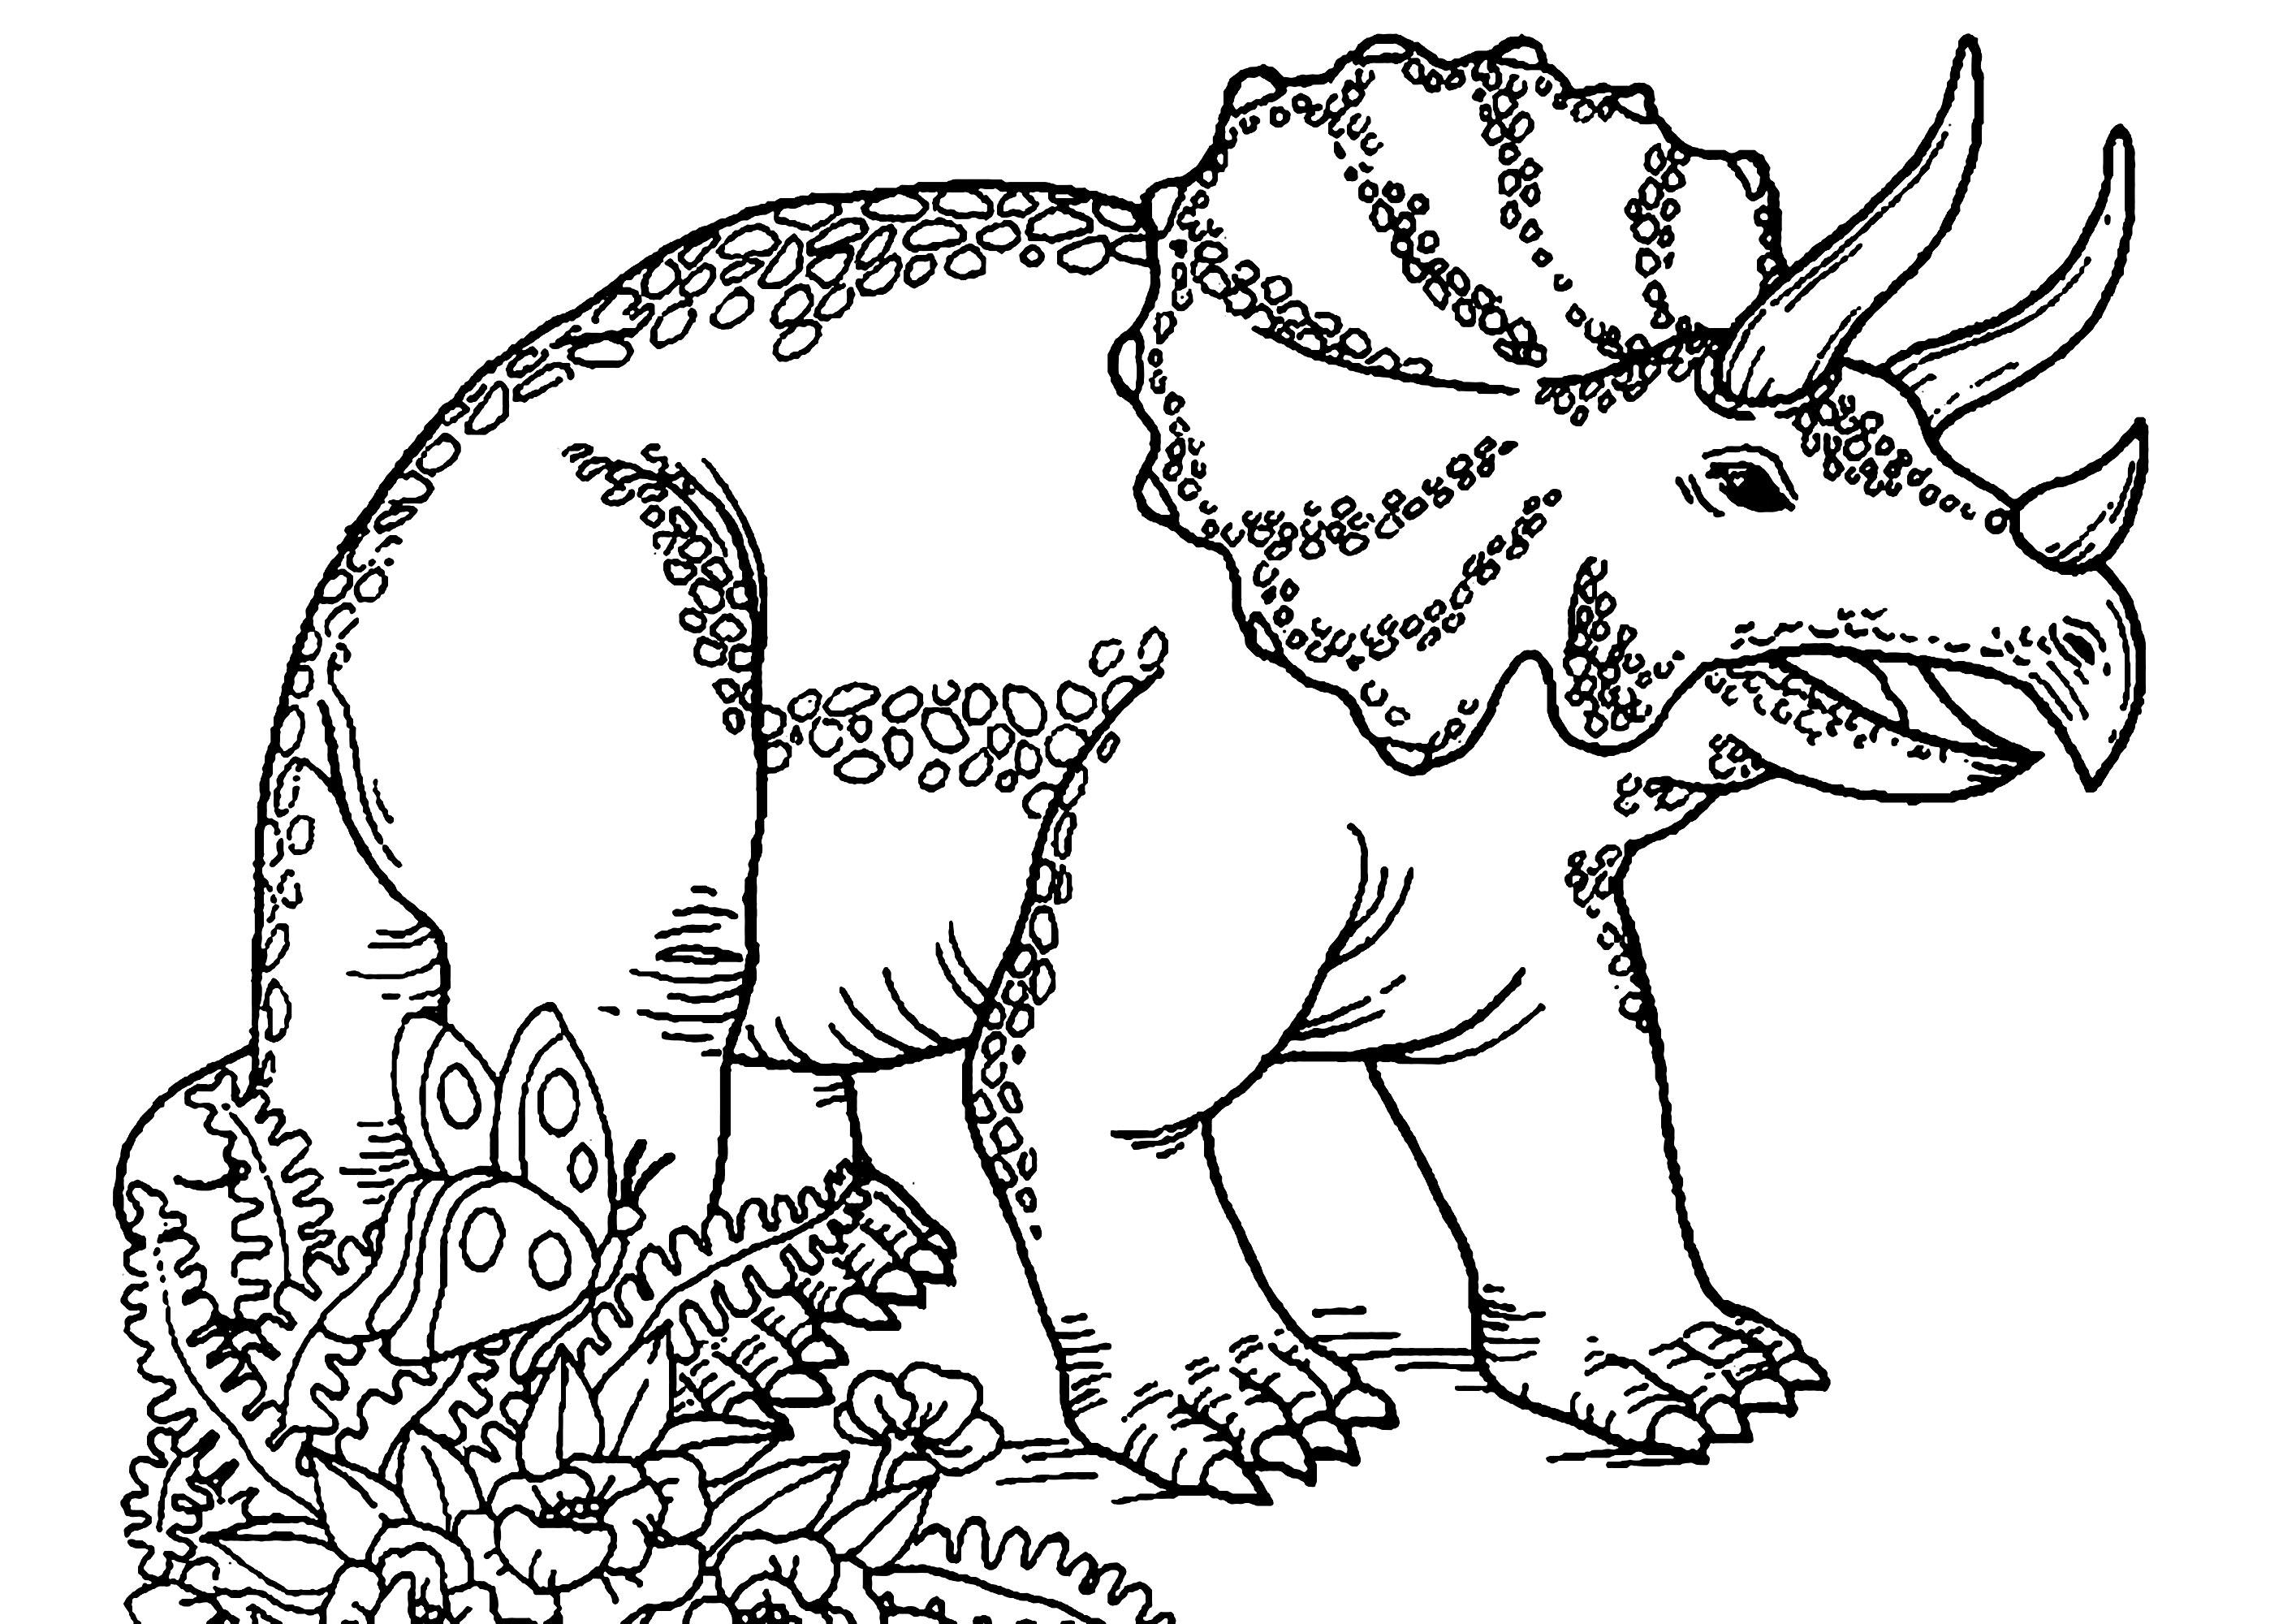 Coloriage d'un tricératops